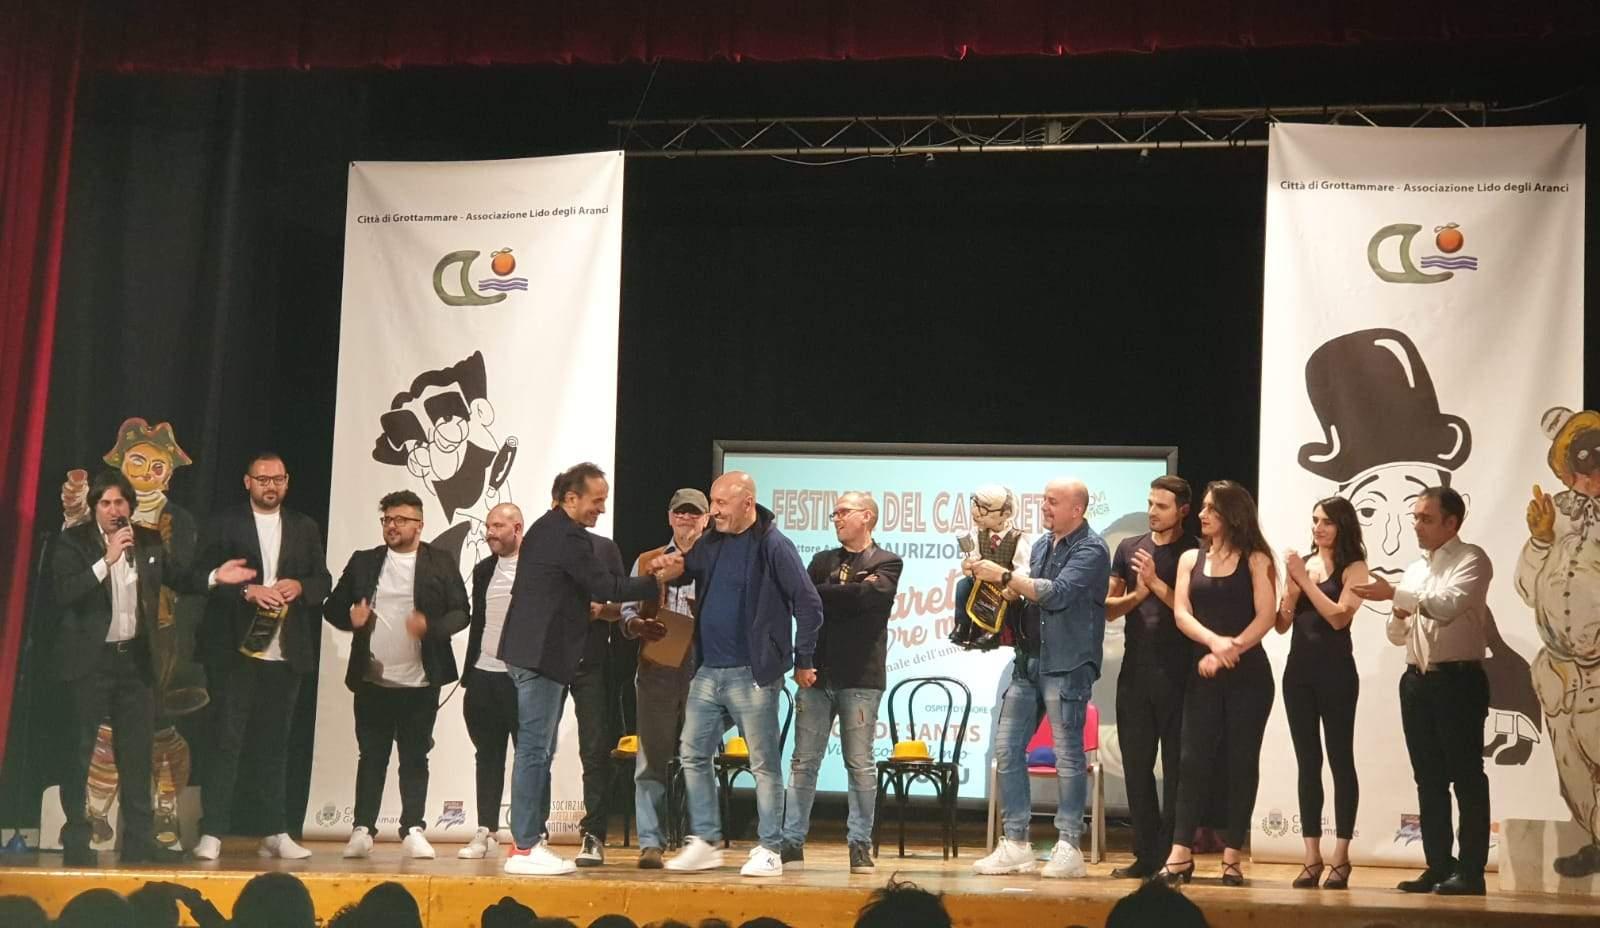 Gisonna e Fratellini: ecco i primi finalisti di cabaret amoremio